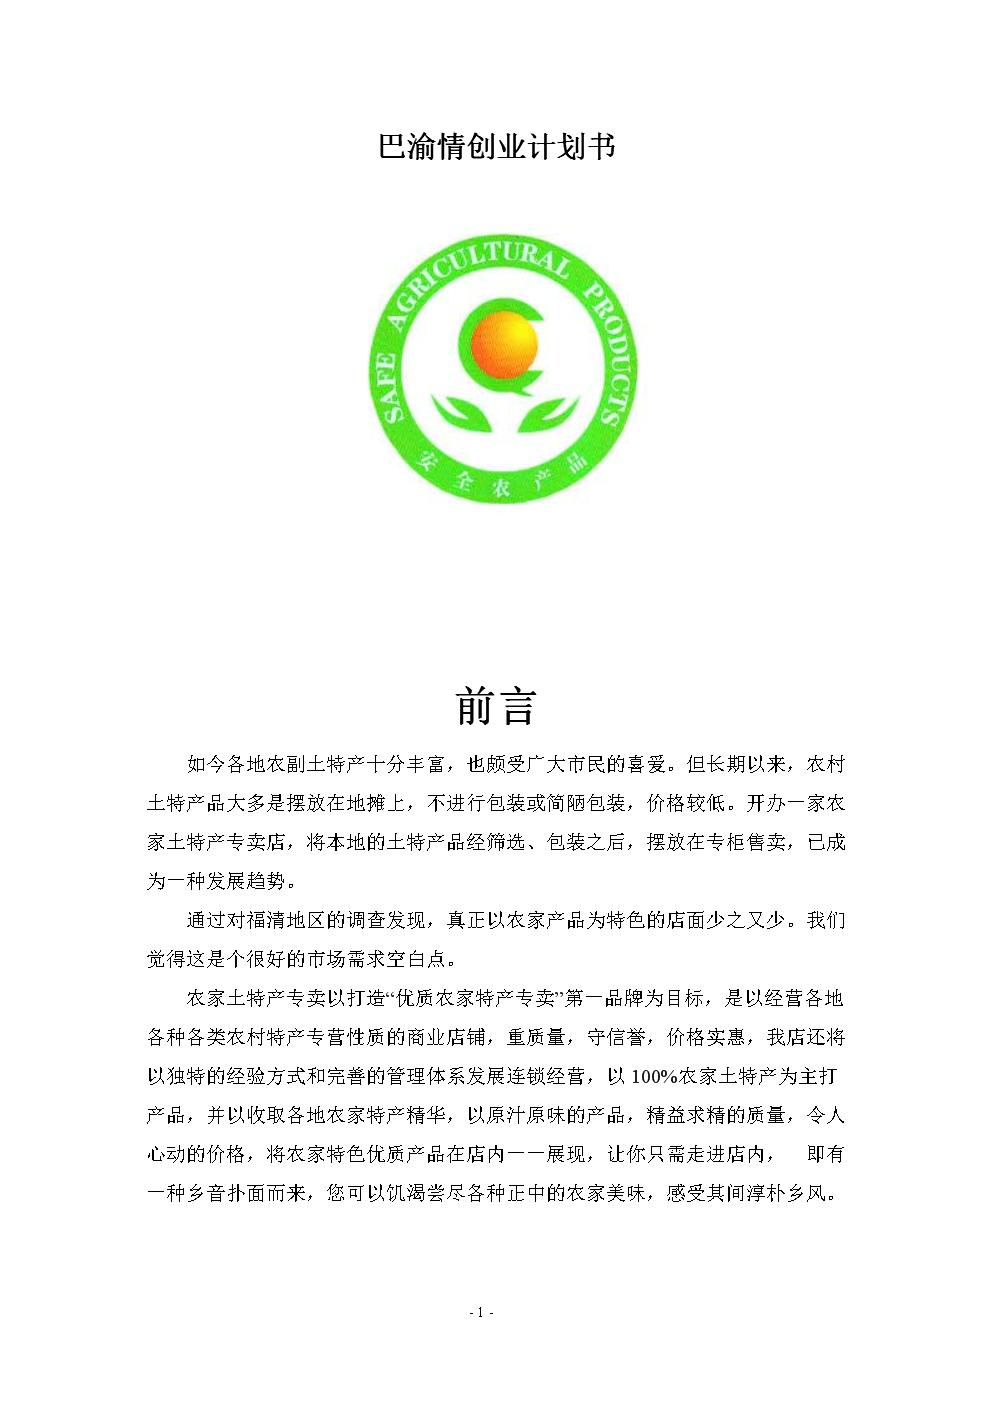 土特产_创业计划书.doc